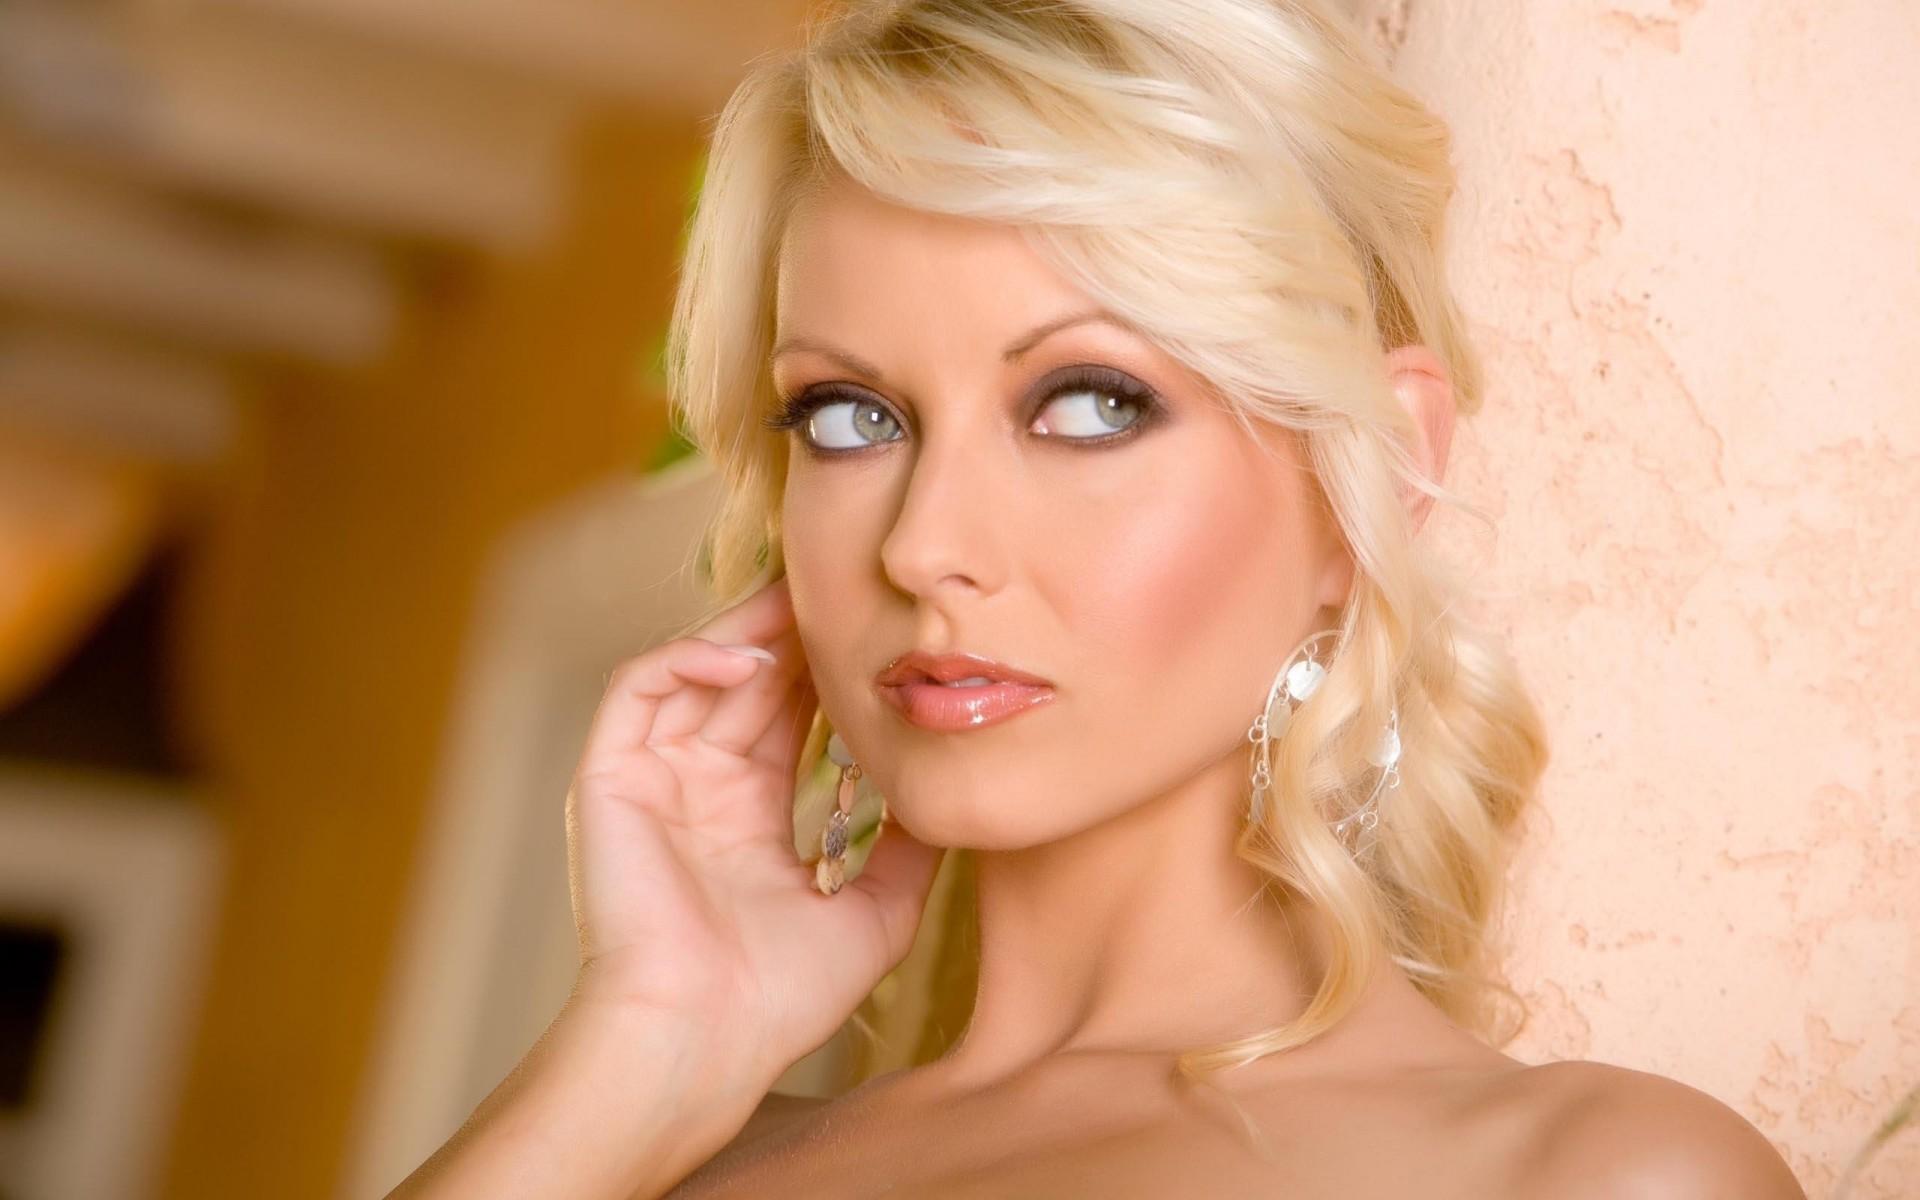 zrelaya-porno-aktrisa-blondinka